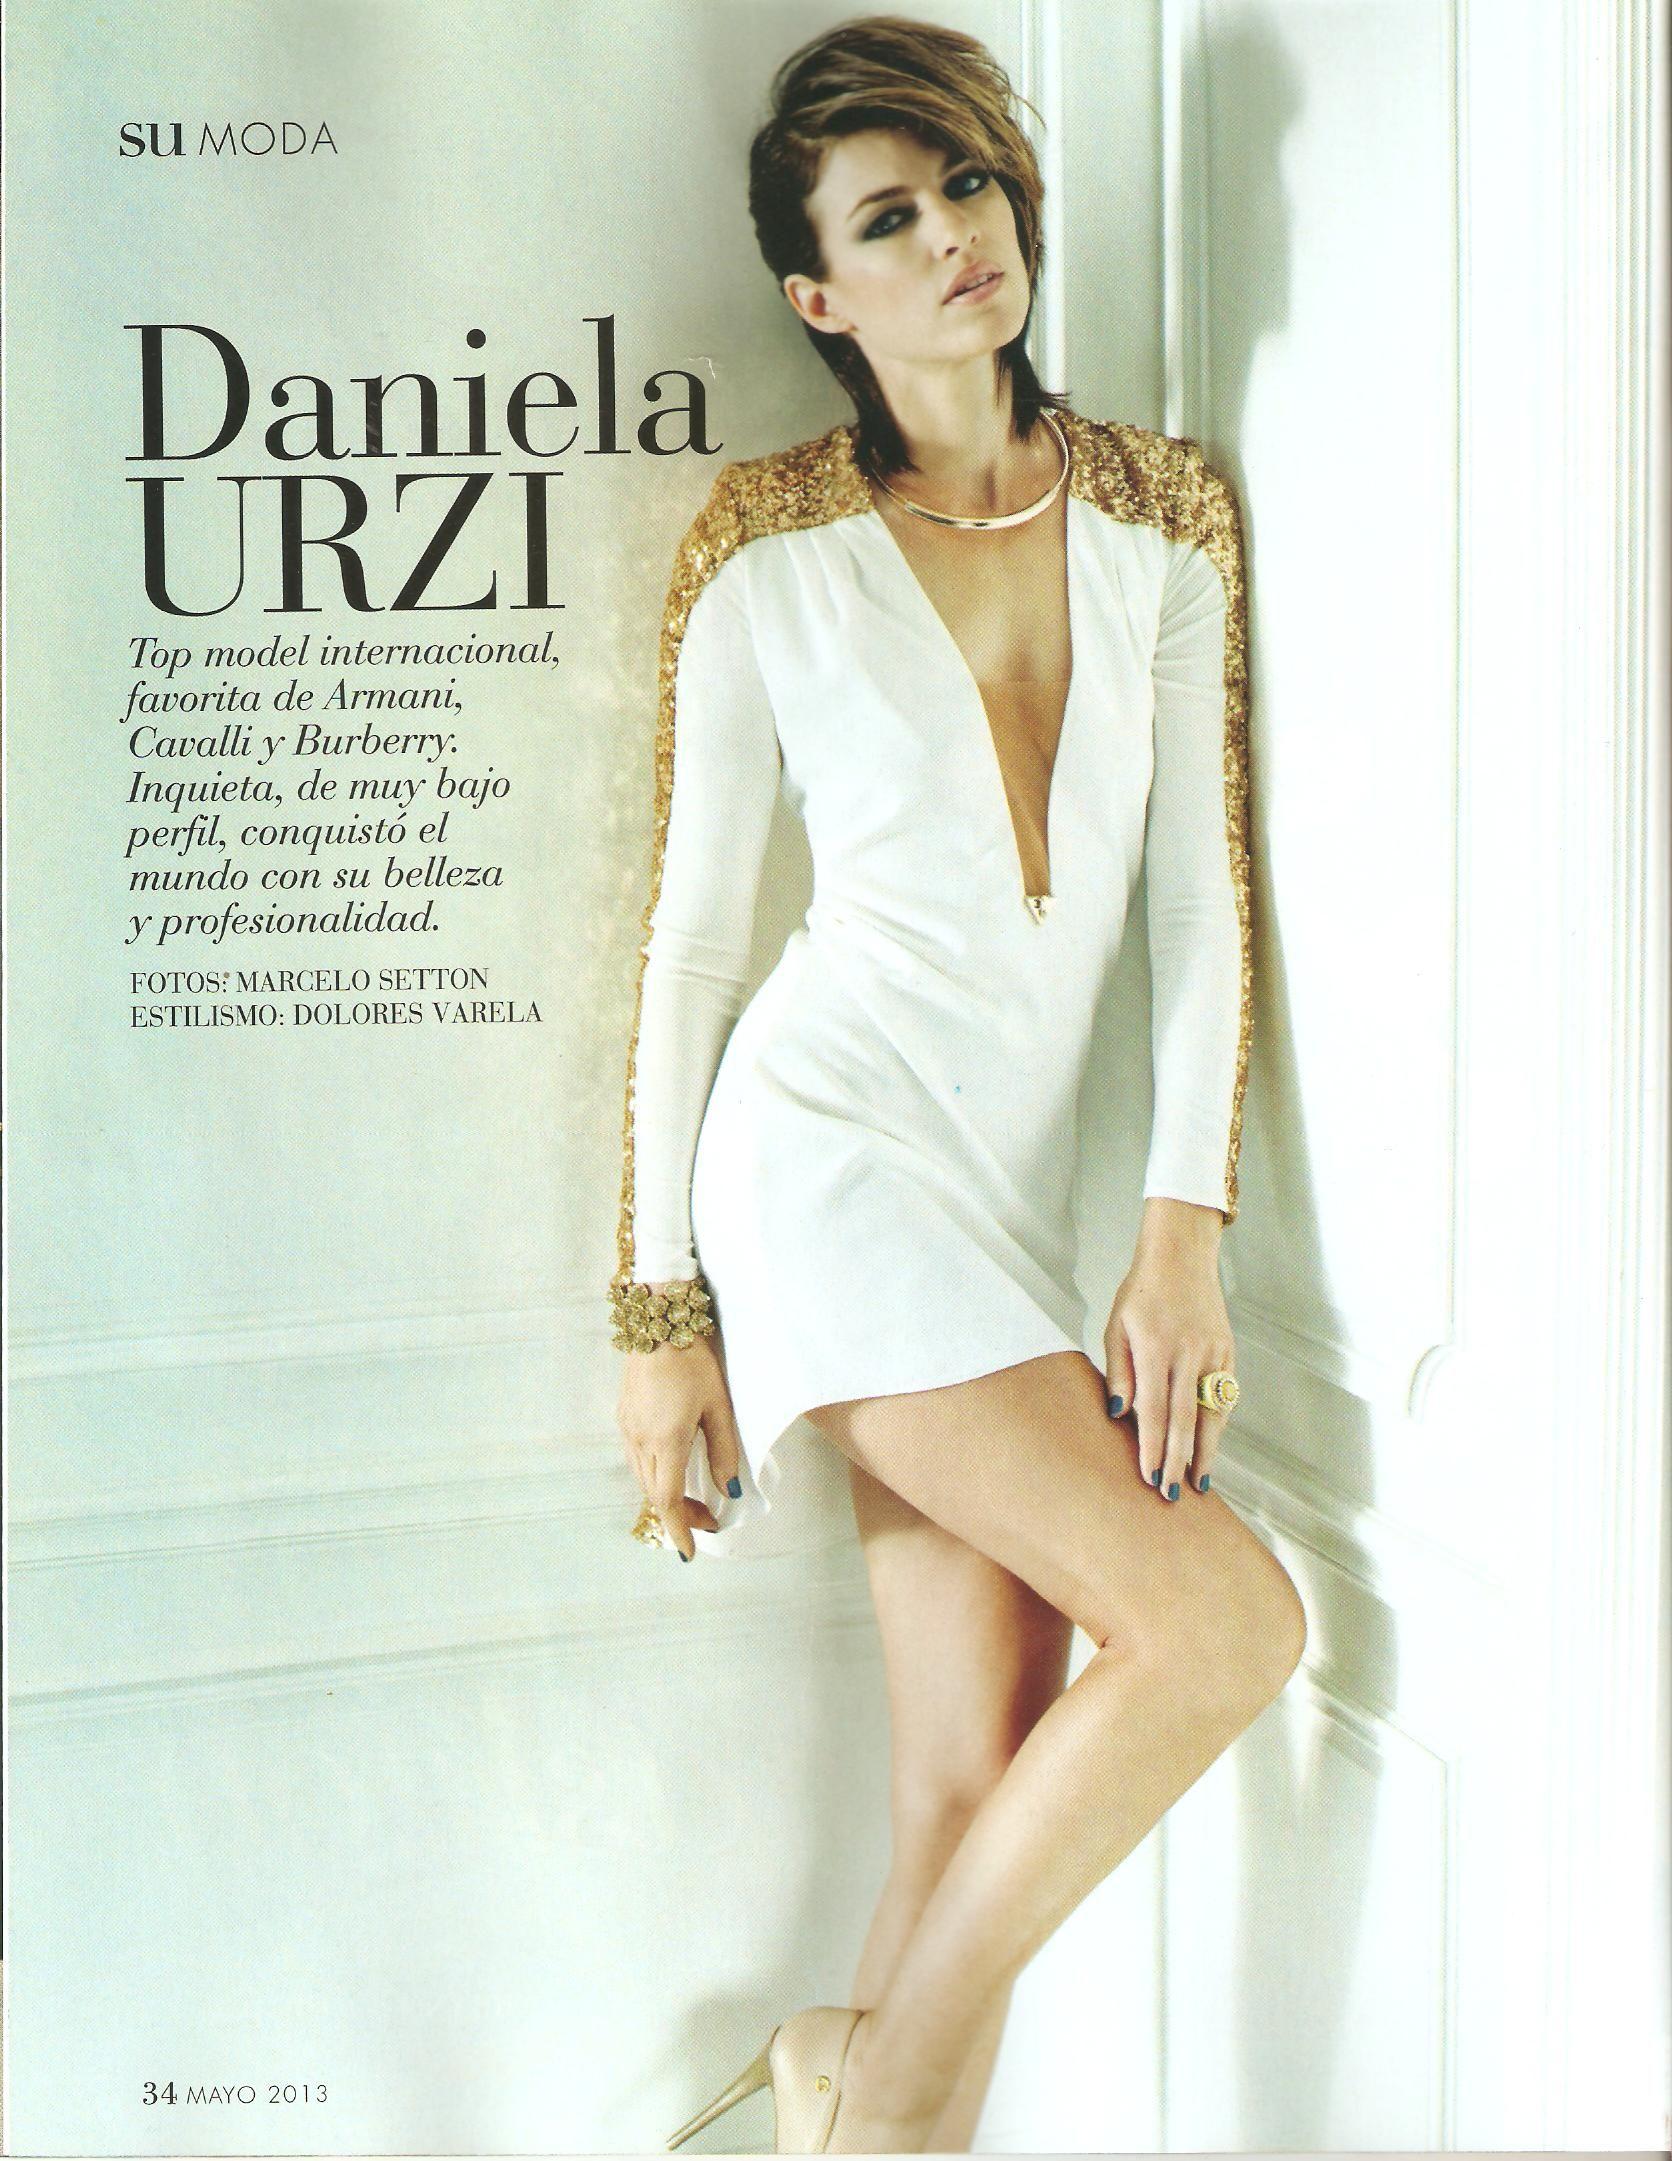 Daniela Urzi ARG Daniela Urzi ARG new photo